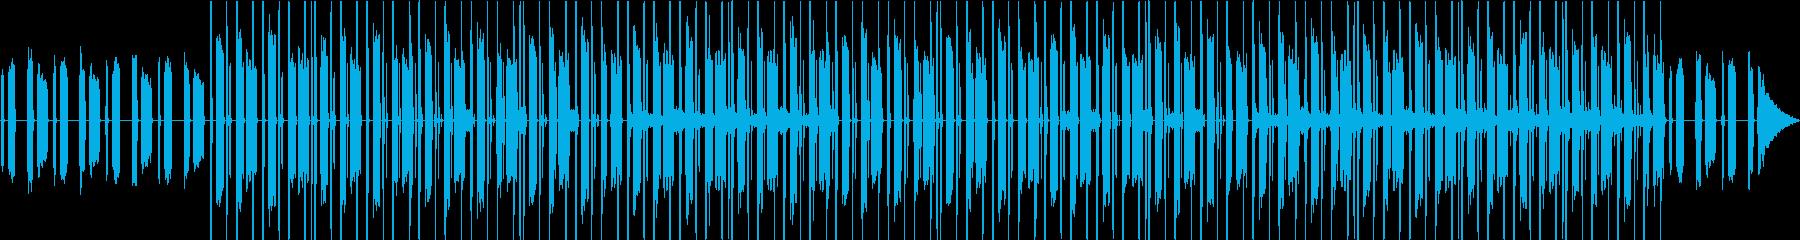 ゴスペル感・チルアウト・家カフェVlogの再生済みの波形